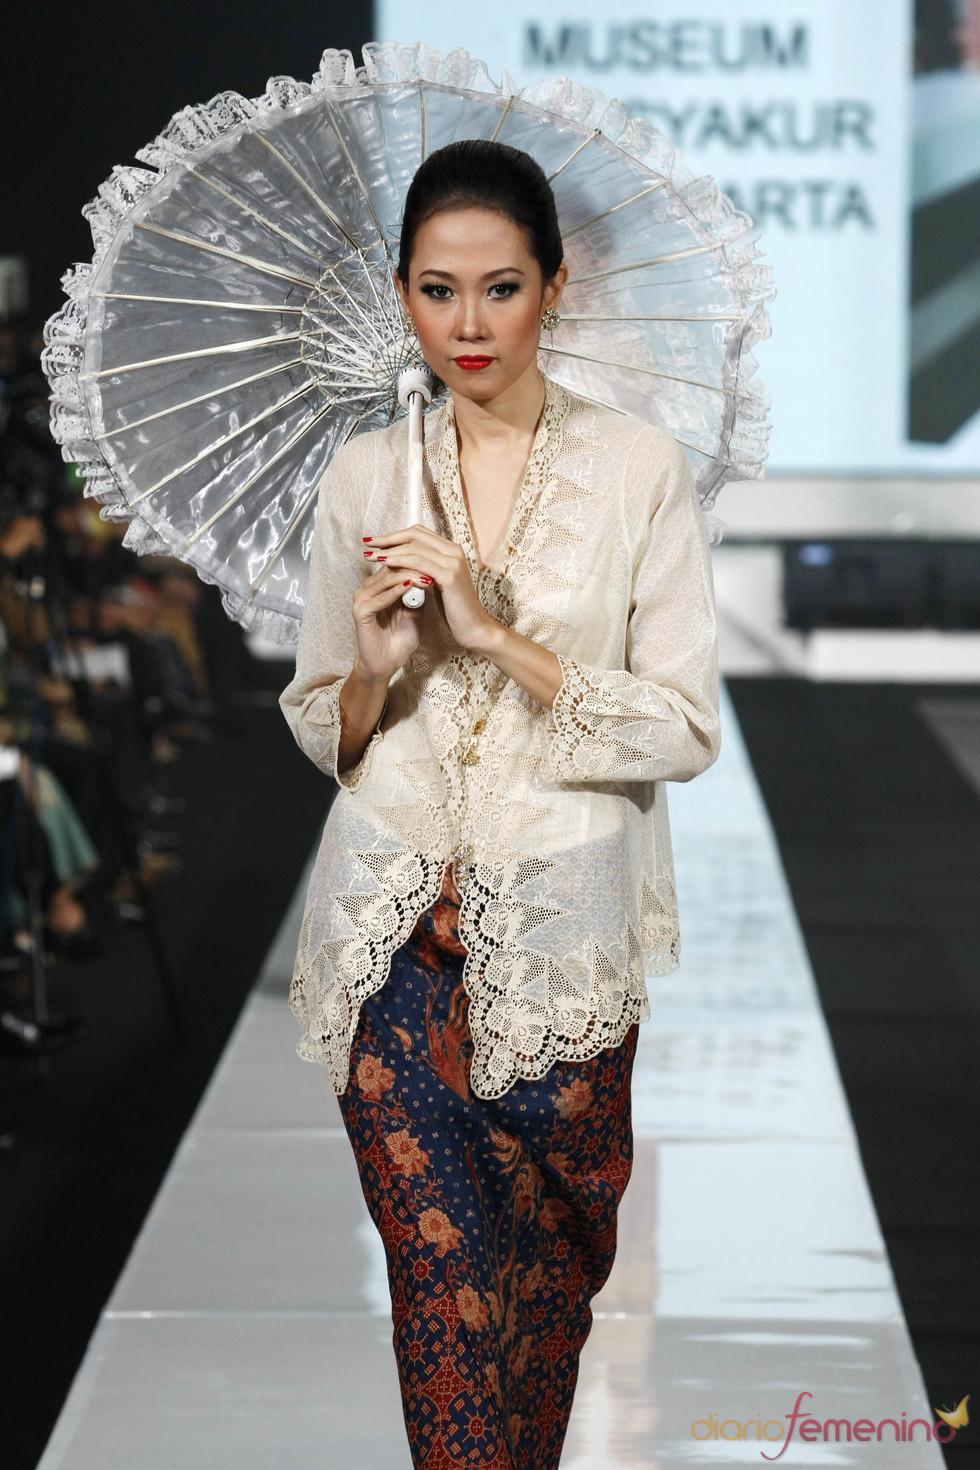 Diseño inspiración oriental en la JFW 2010/11